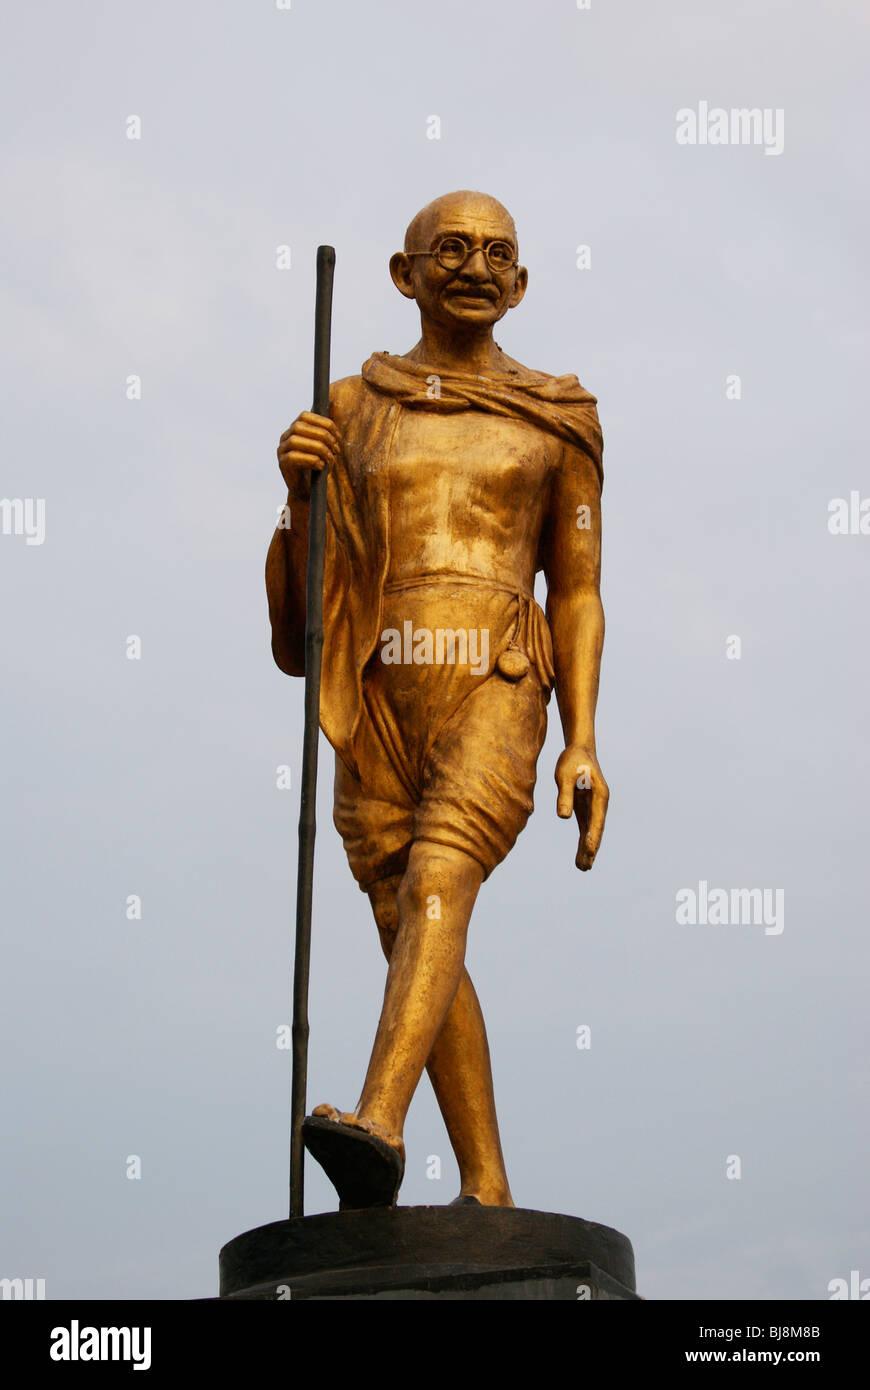 Il Mahatma Gandhi (Mahatma Gandhiji)(Mohandas Karamchand Gandhi) monumento commemorativo statua che si trova nel Immagini Stock